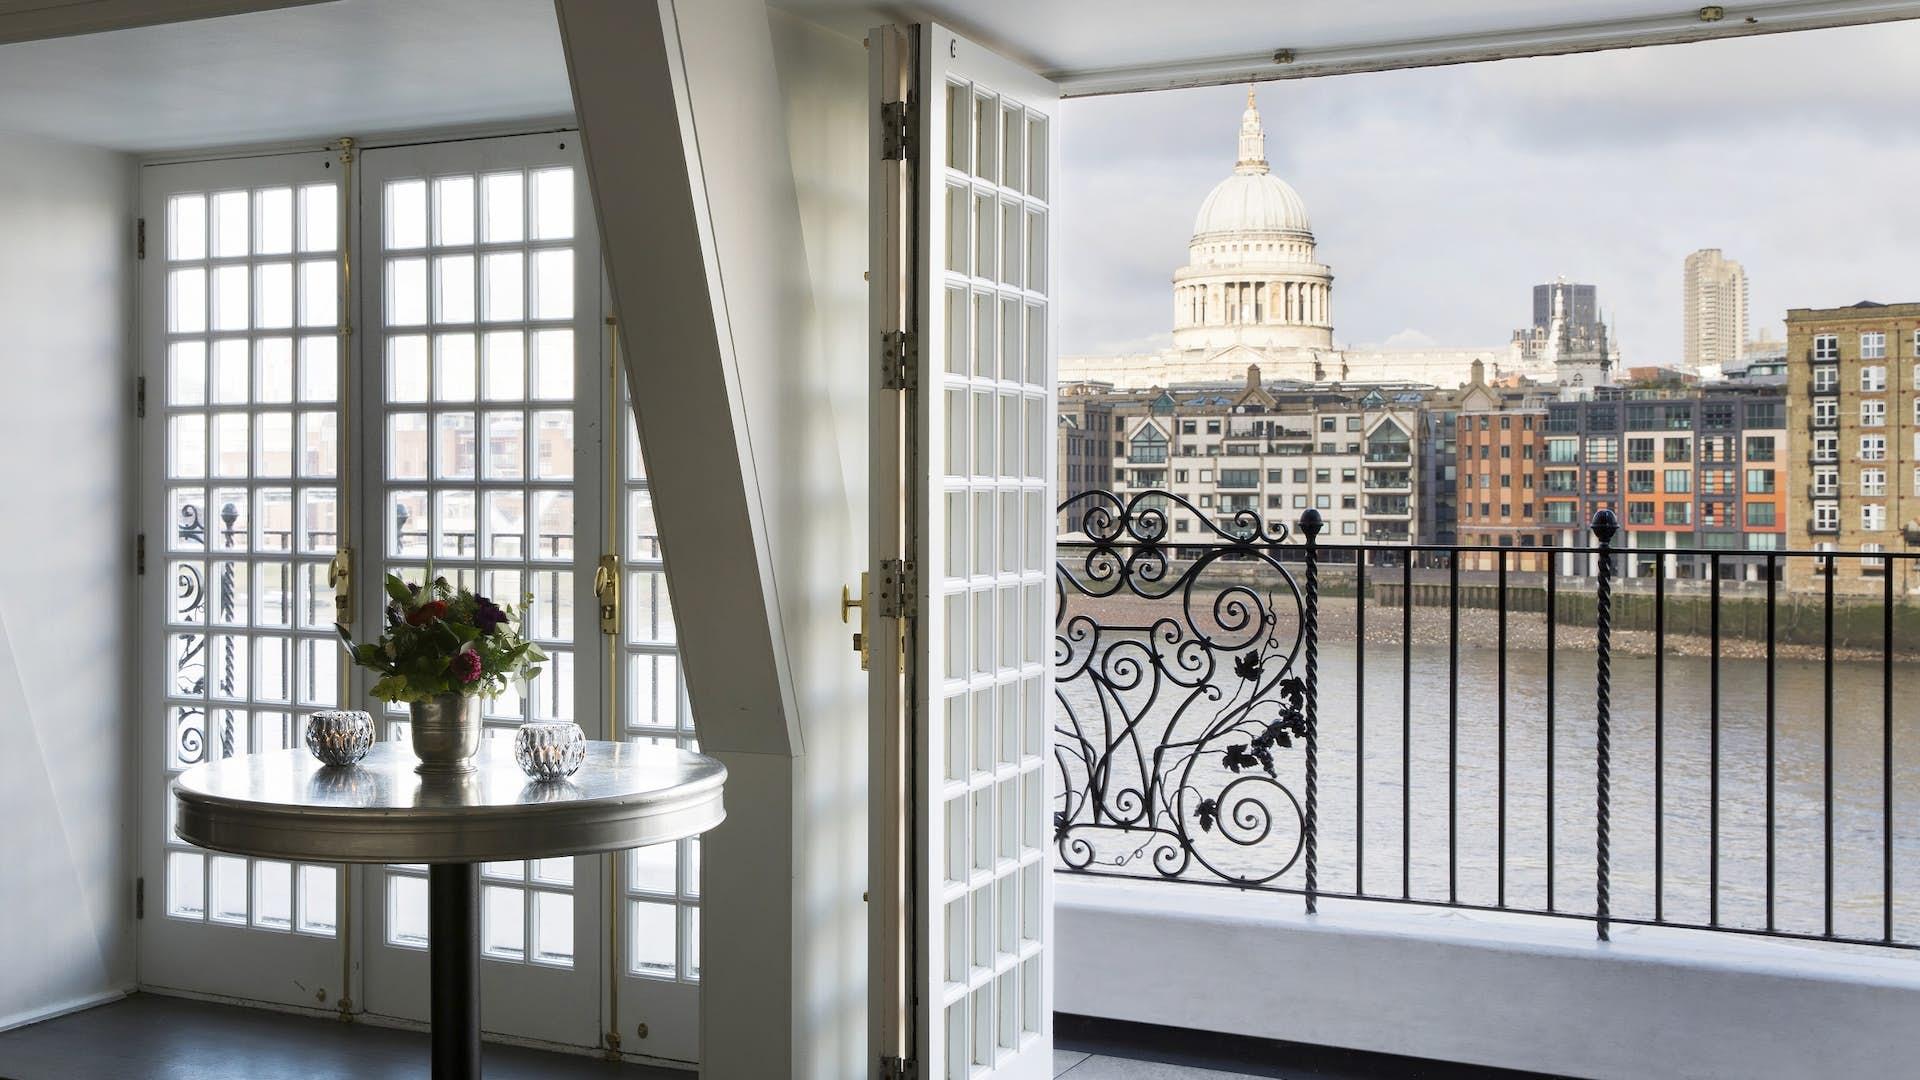 The Balcony Room, Shakespeare's Globe